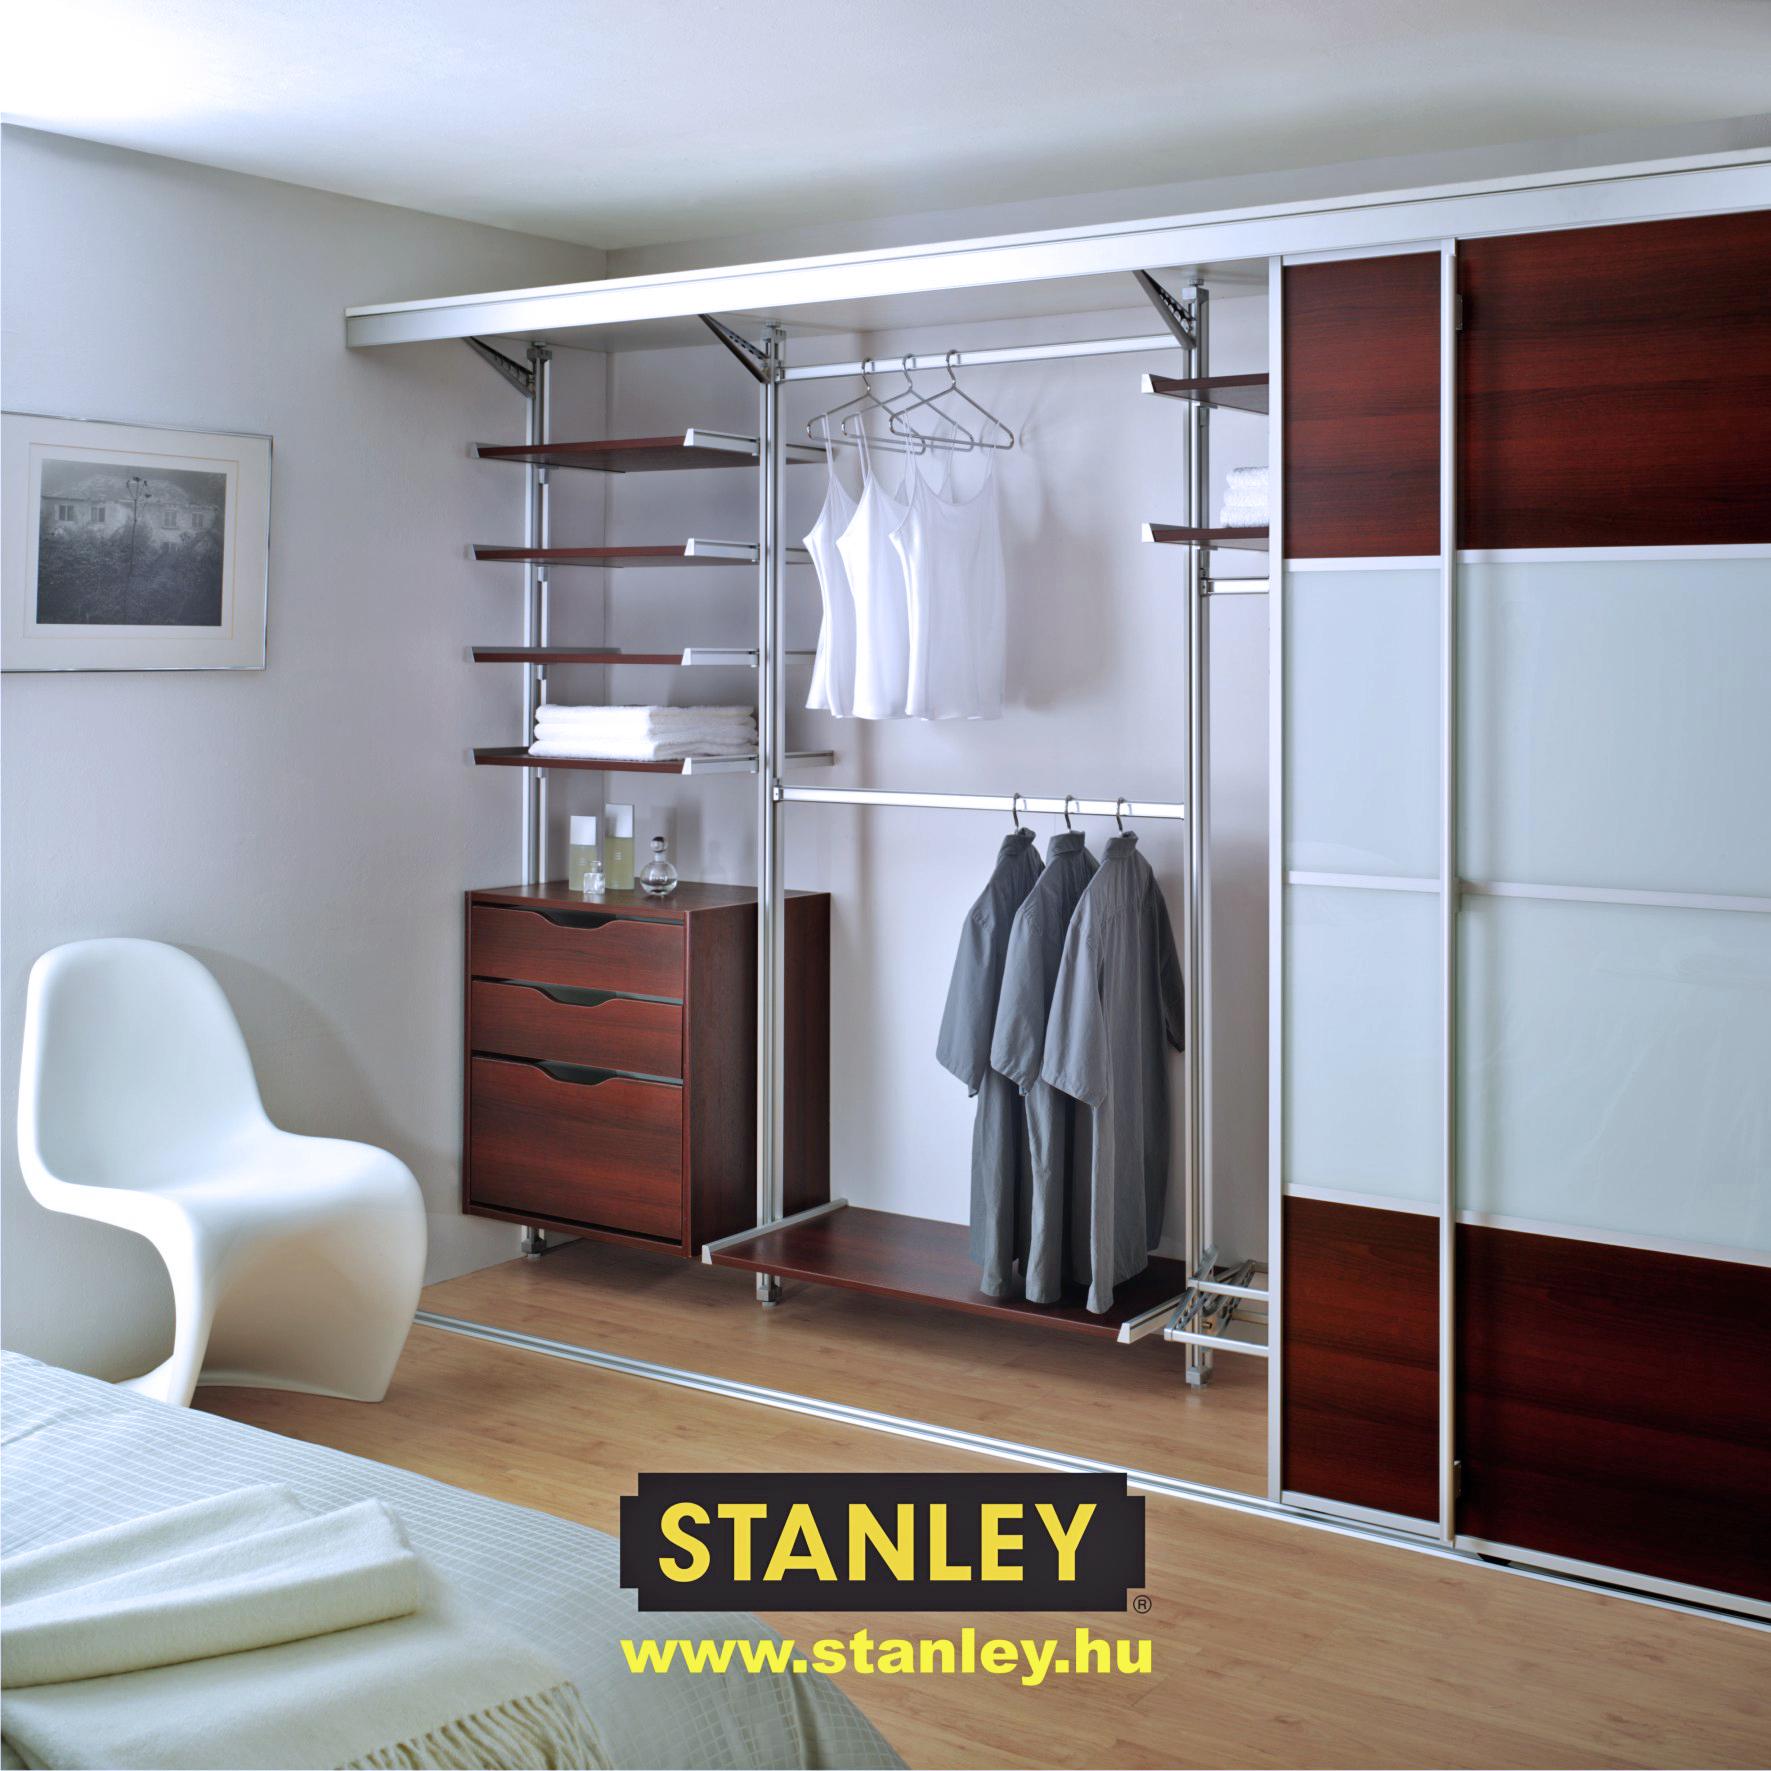 Tolóajtós szekrény, Wenge - Sima fehér osztott térelválasztó Stanley tolóajtó